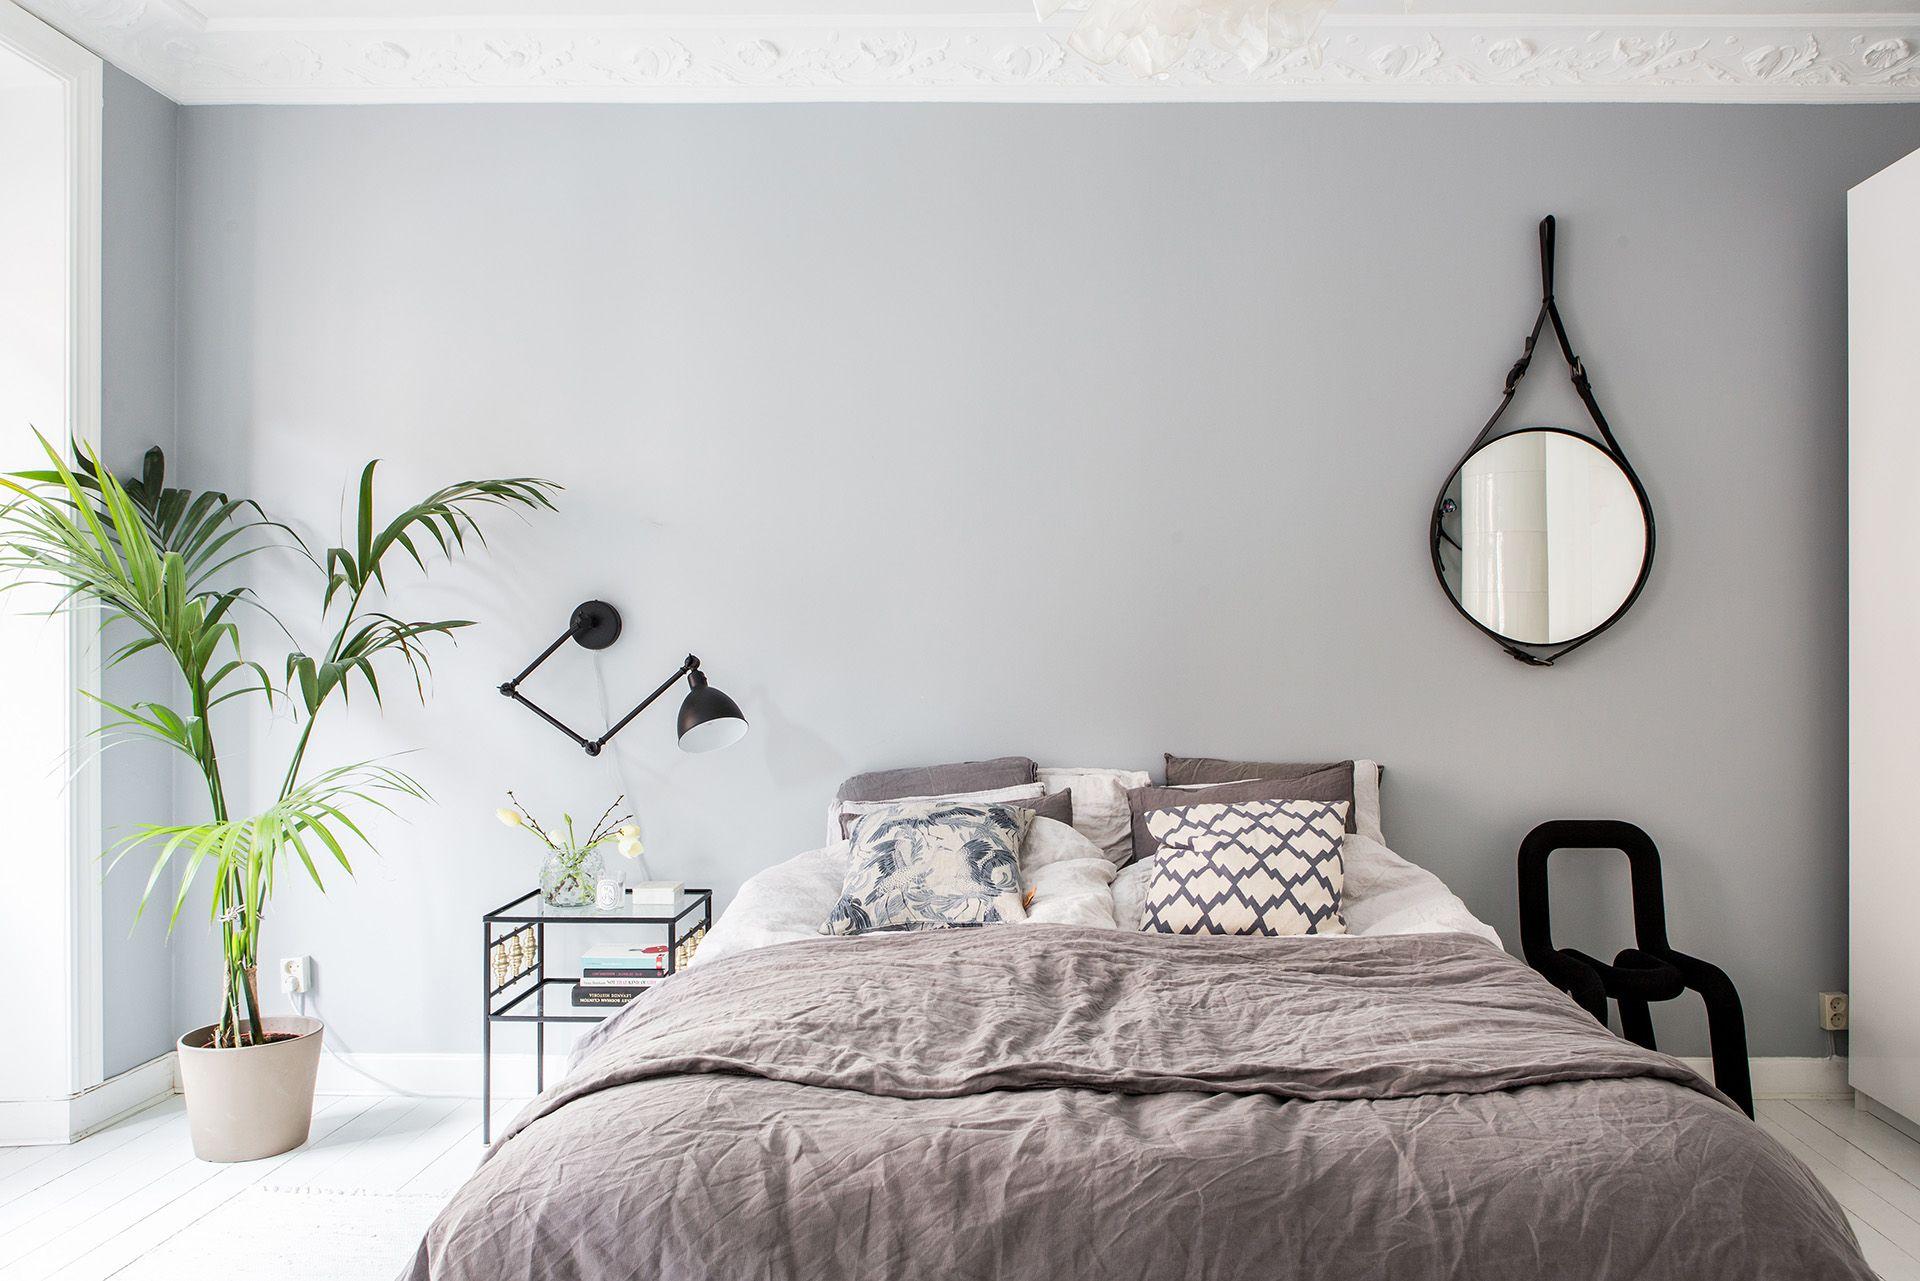 Een Rustgevende Slaapkamer : Tips voor een ultiem rustgevende slaapkamer interieur decor